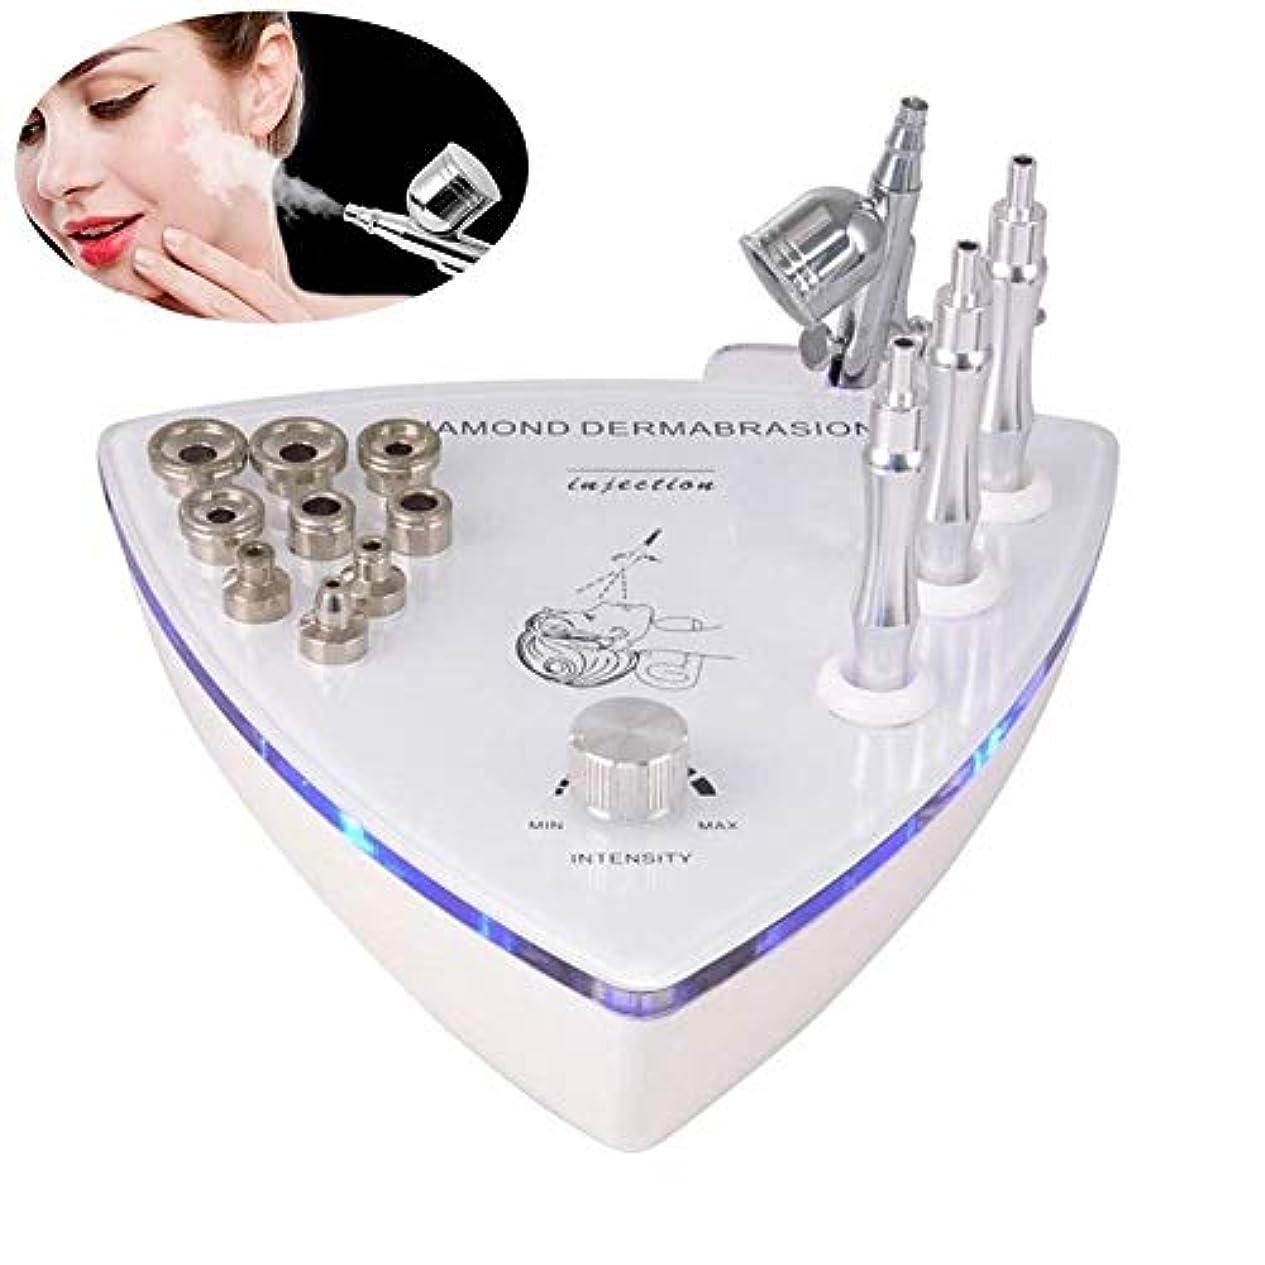 ロビー彼らのもの群れダイヤモンドのマイクロダーマブレーションDermabrasionマシン、スプレーガン家庭用装備のフェイシャルスキンケア美容機器(強力な吸引力:0-68cmHg)